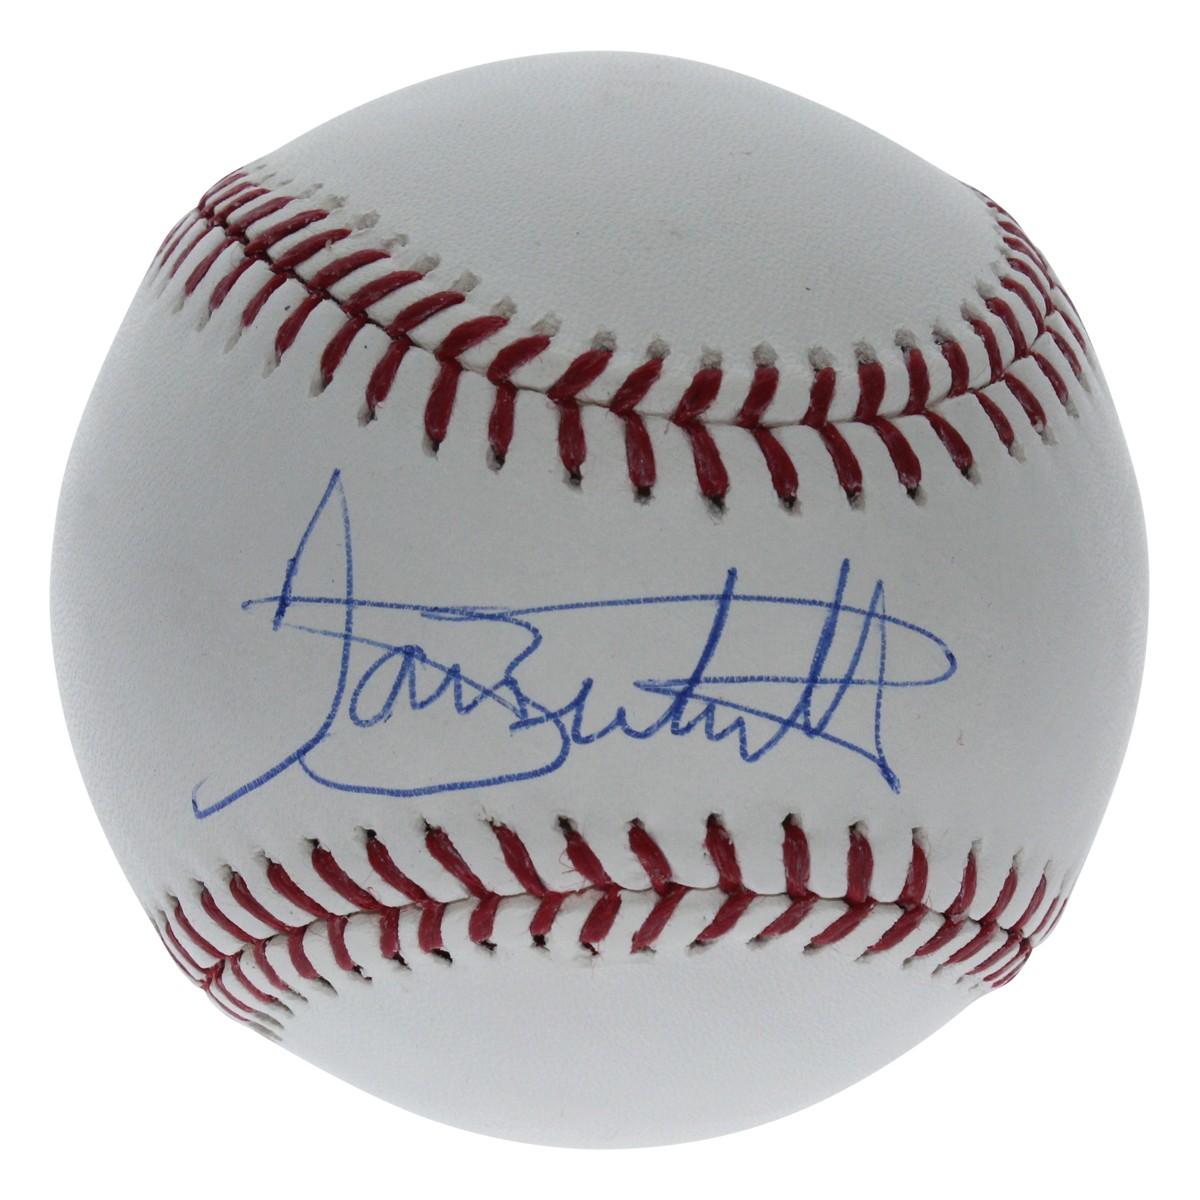 ea6b60ccc Dante Bichette Autographed Signed Official Major League Baseball - JSA  Authentic